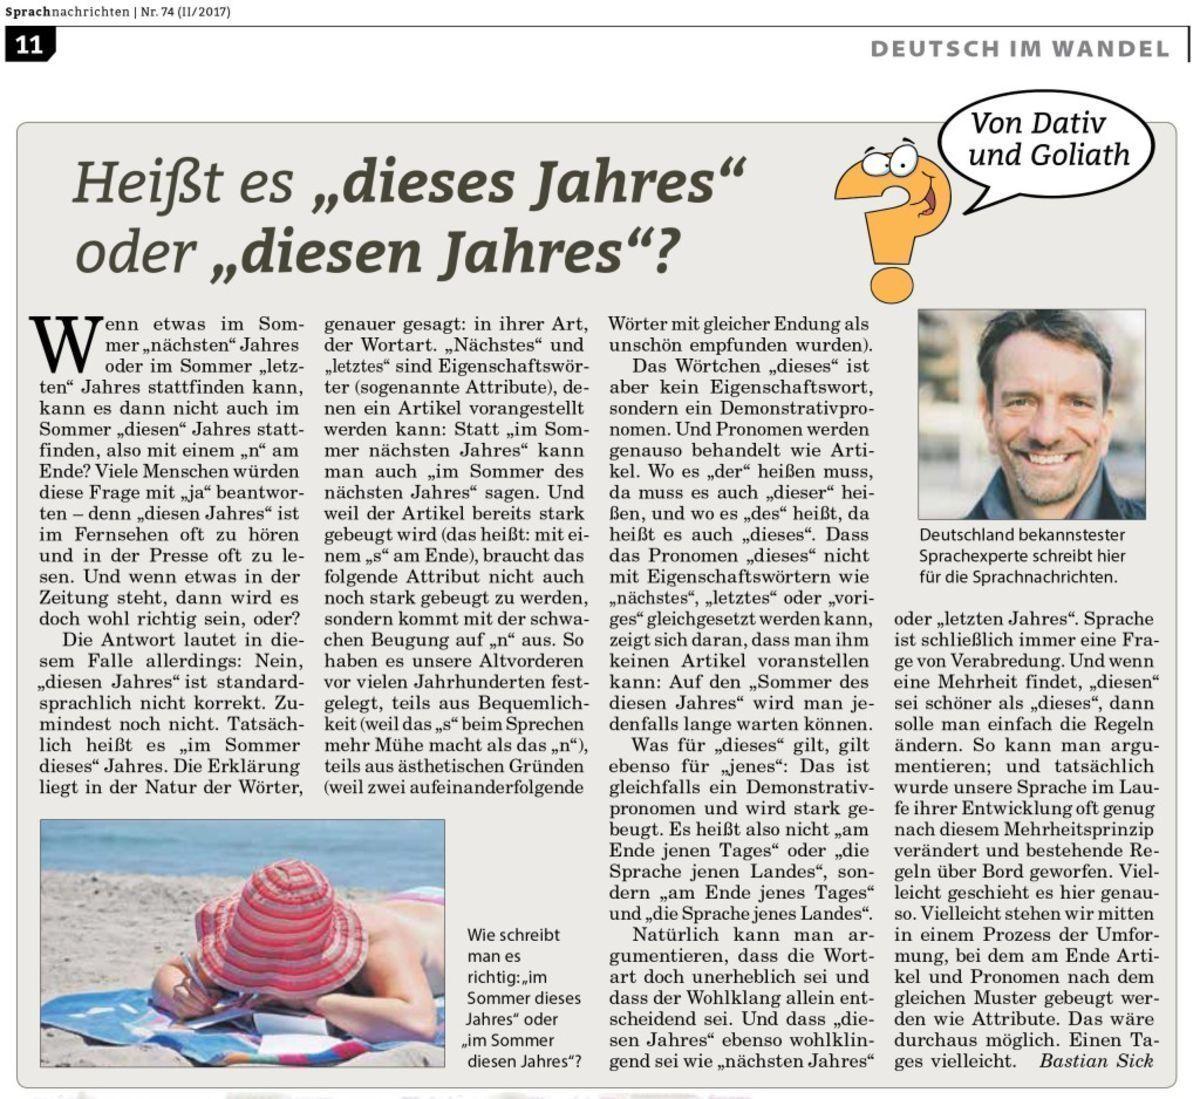 2017-07 Sprachnachrichten Nr.74 (komp.)